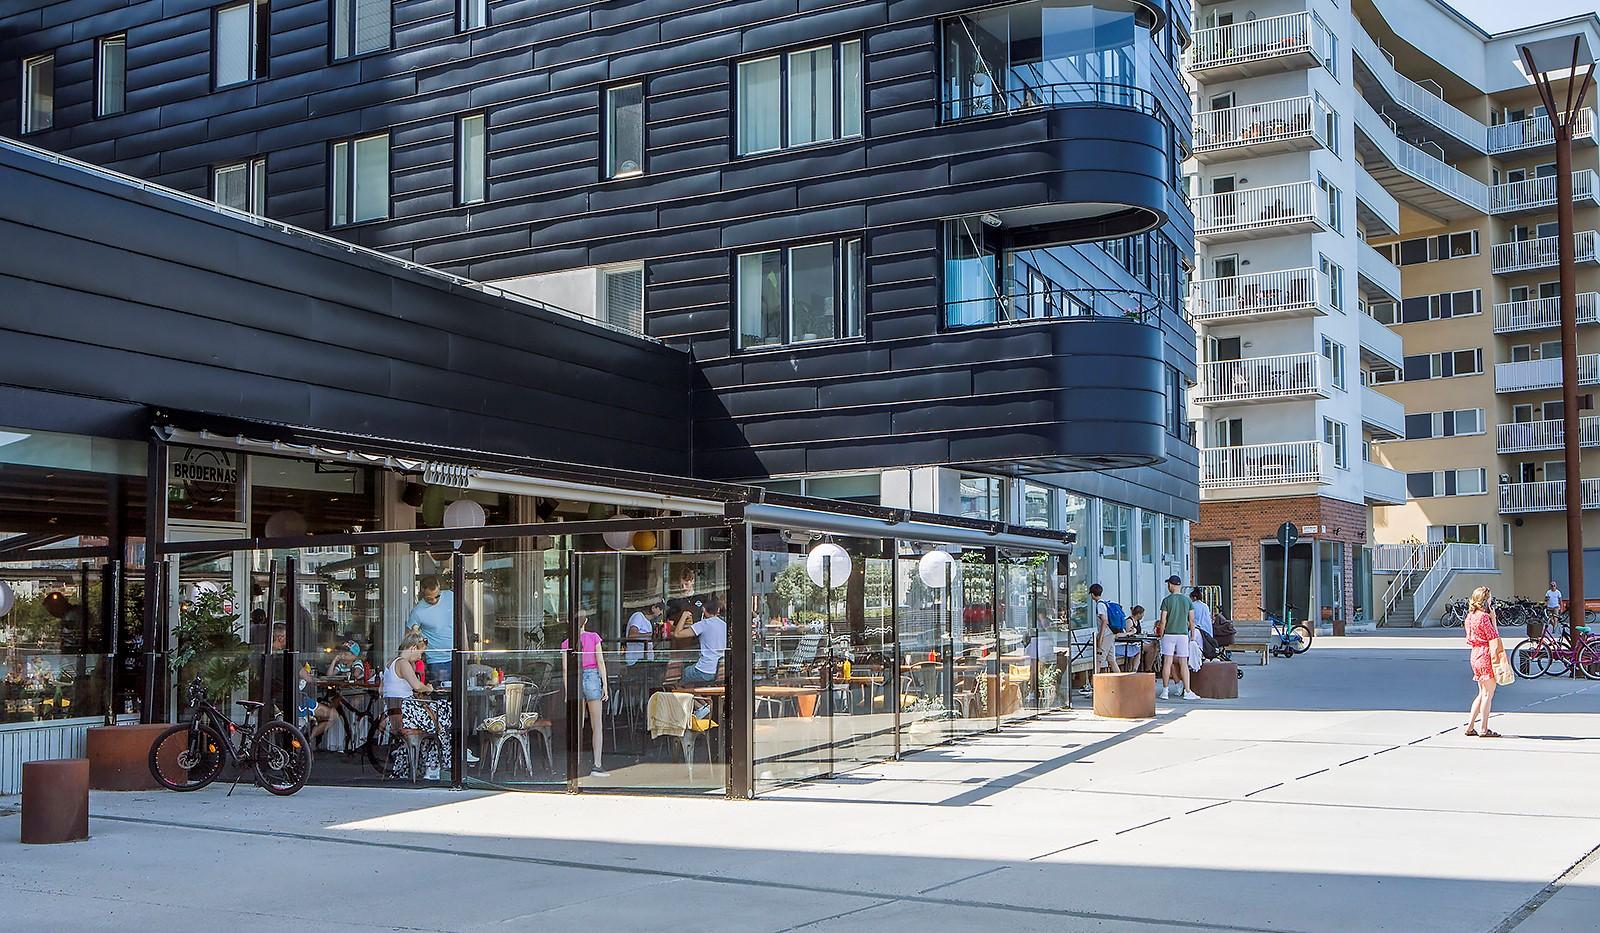 Sjöviksvägen 128, 7 tr. - Flera mysiga restauranger längs promenaden vid vattnet